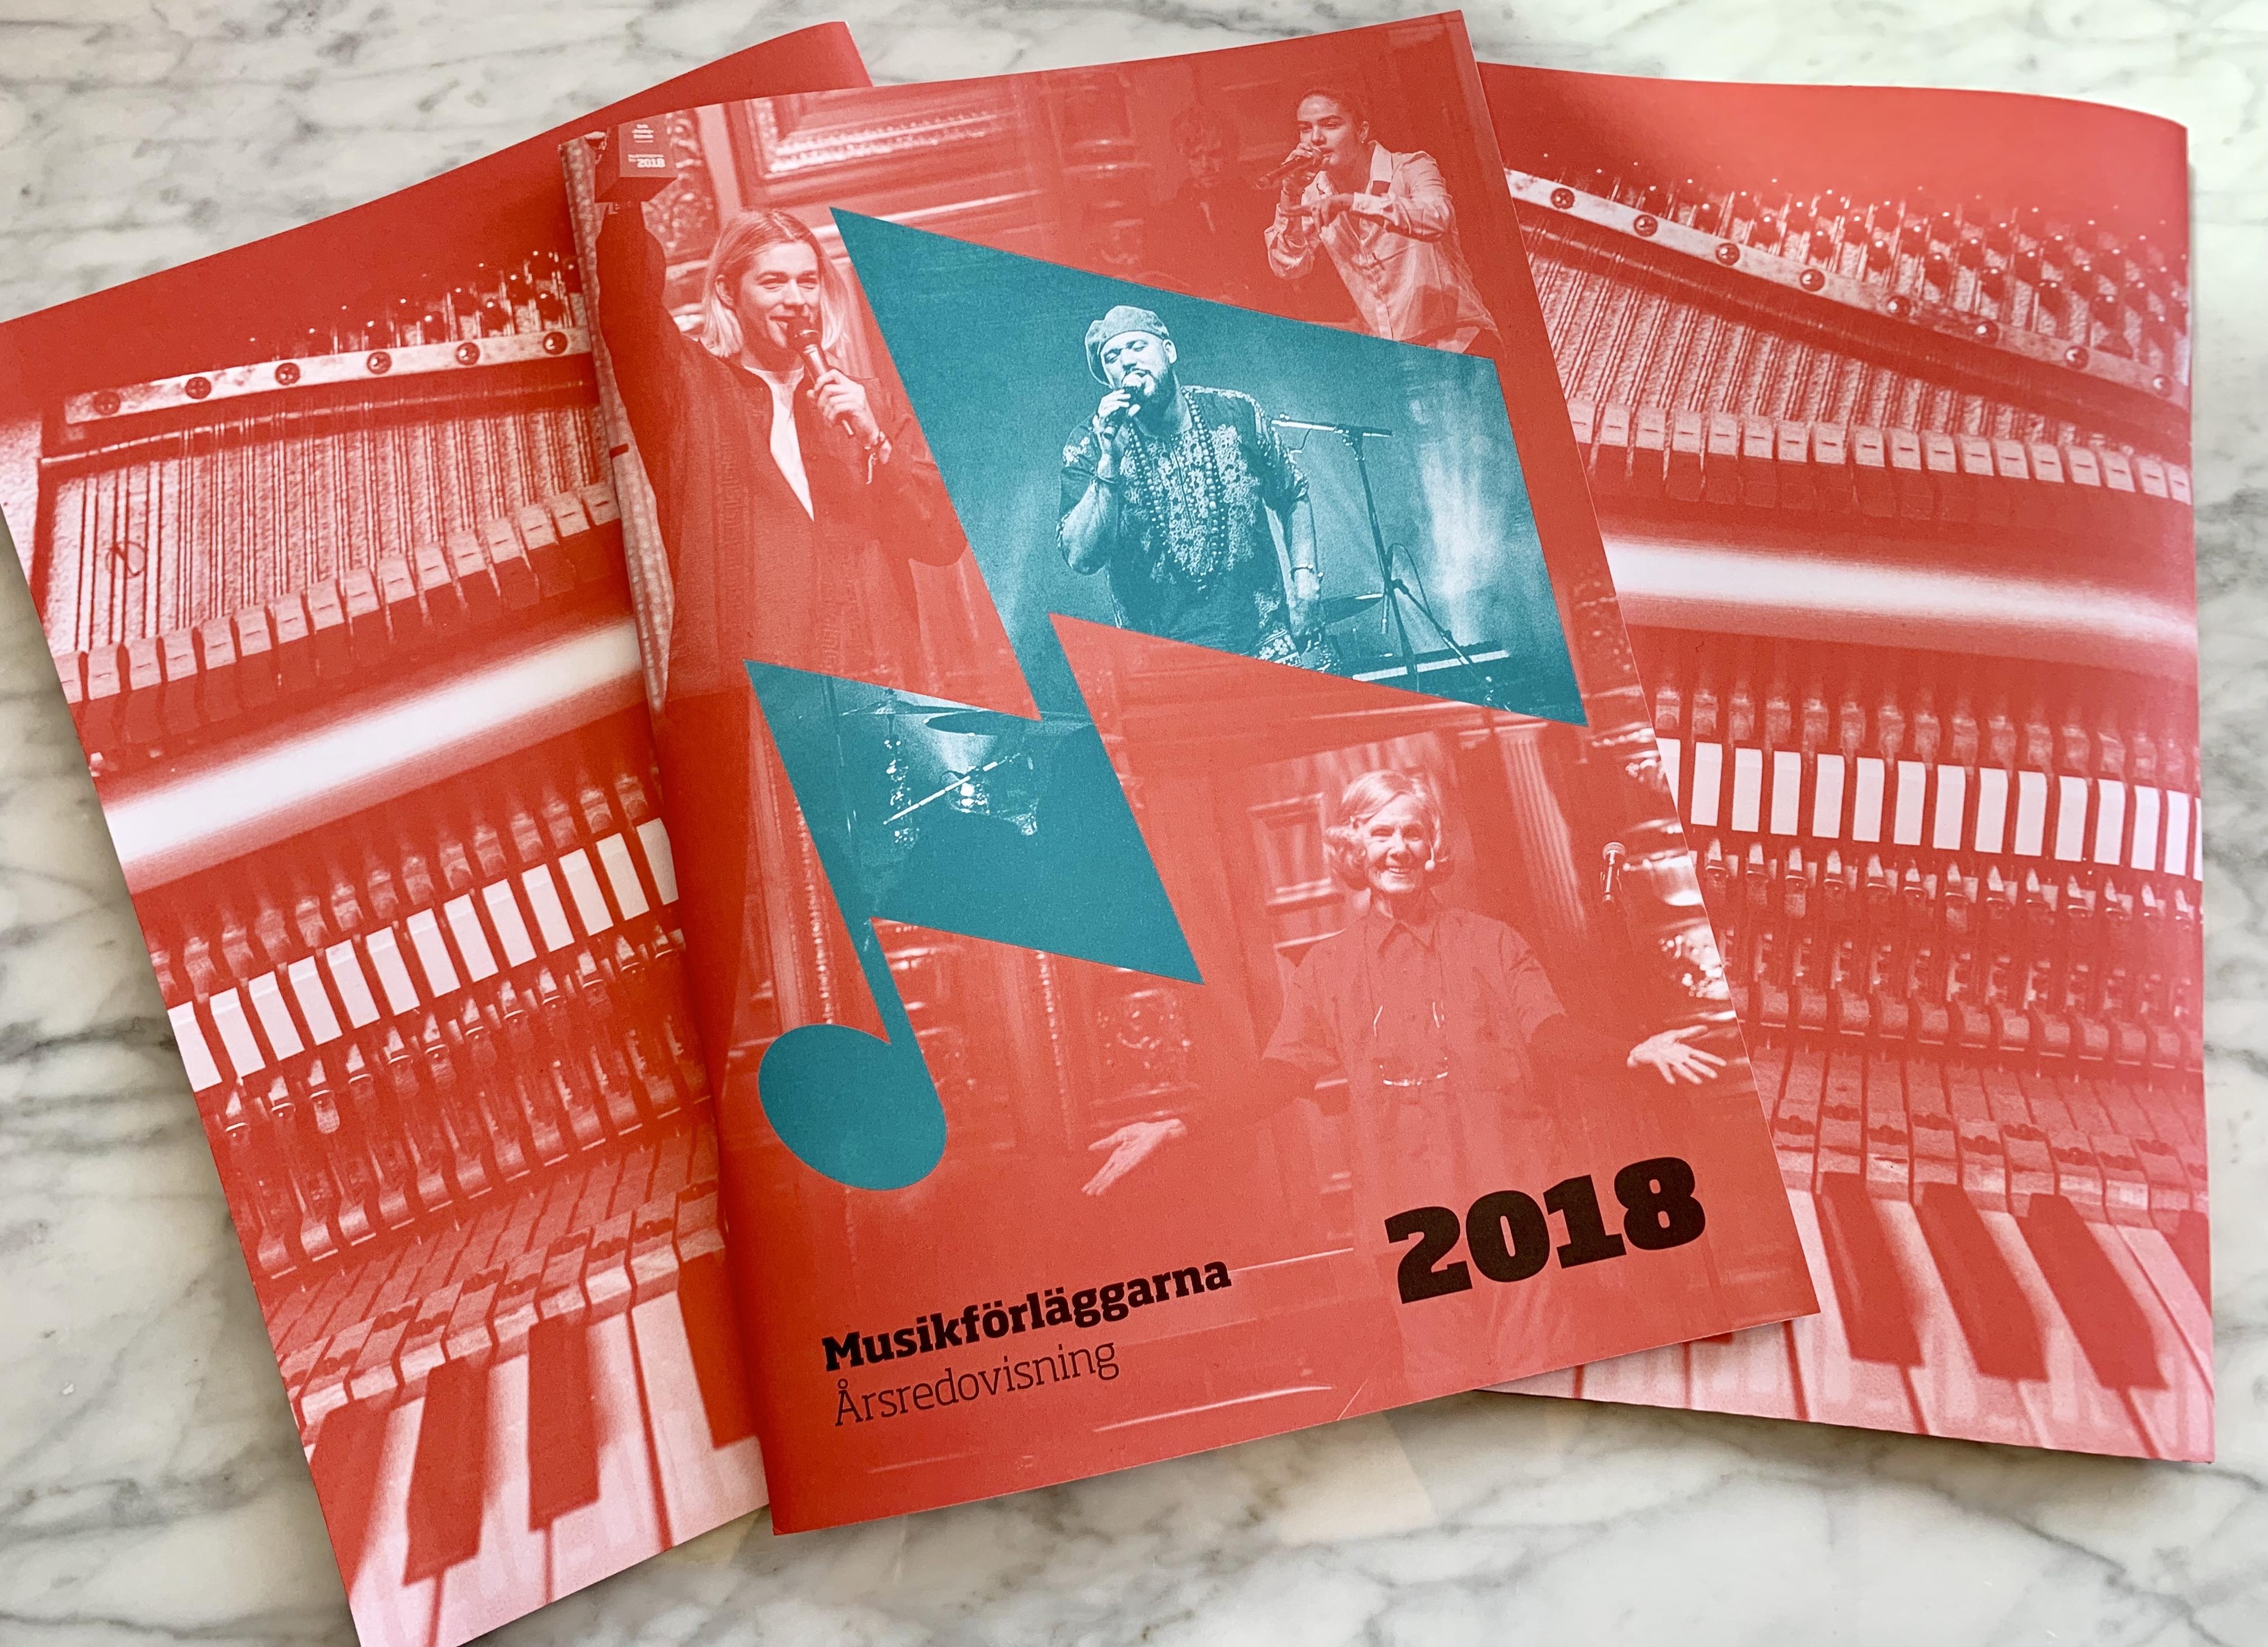 Musikförläggarnas årsredovisning 2018